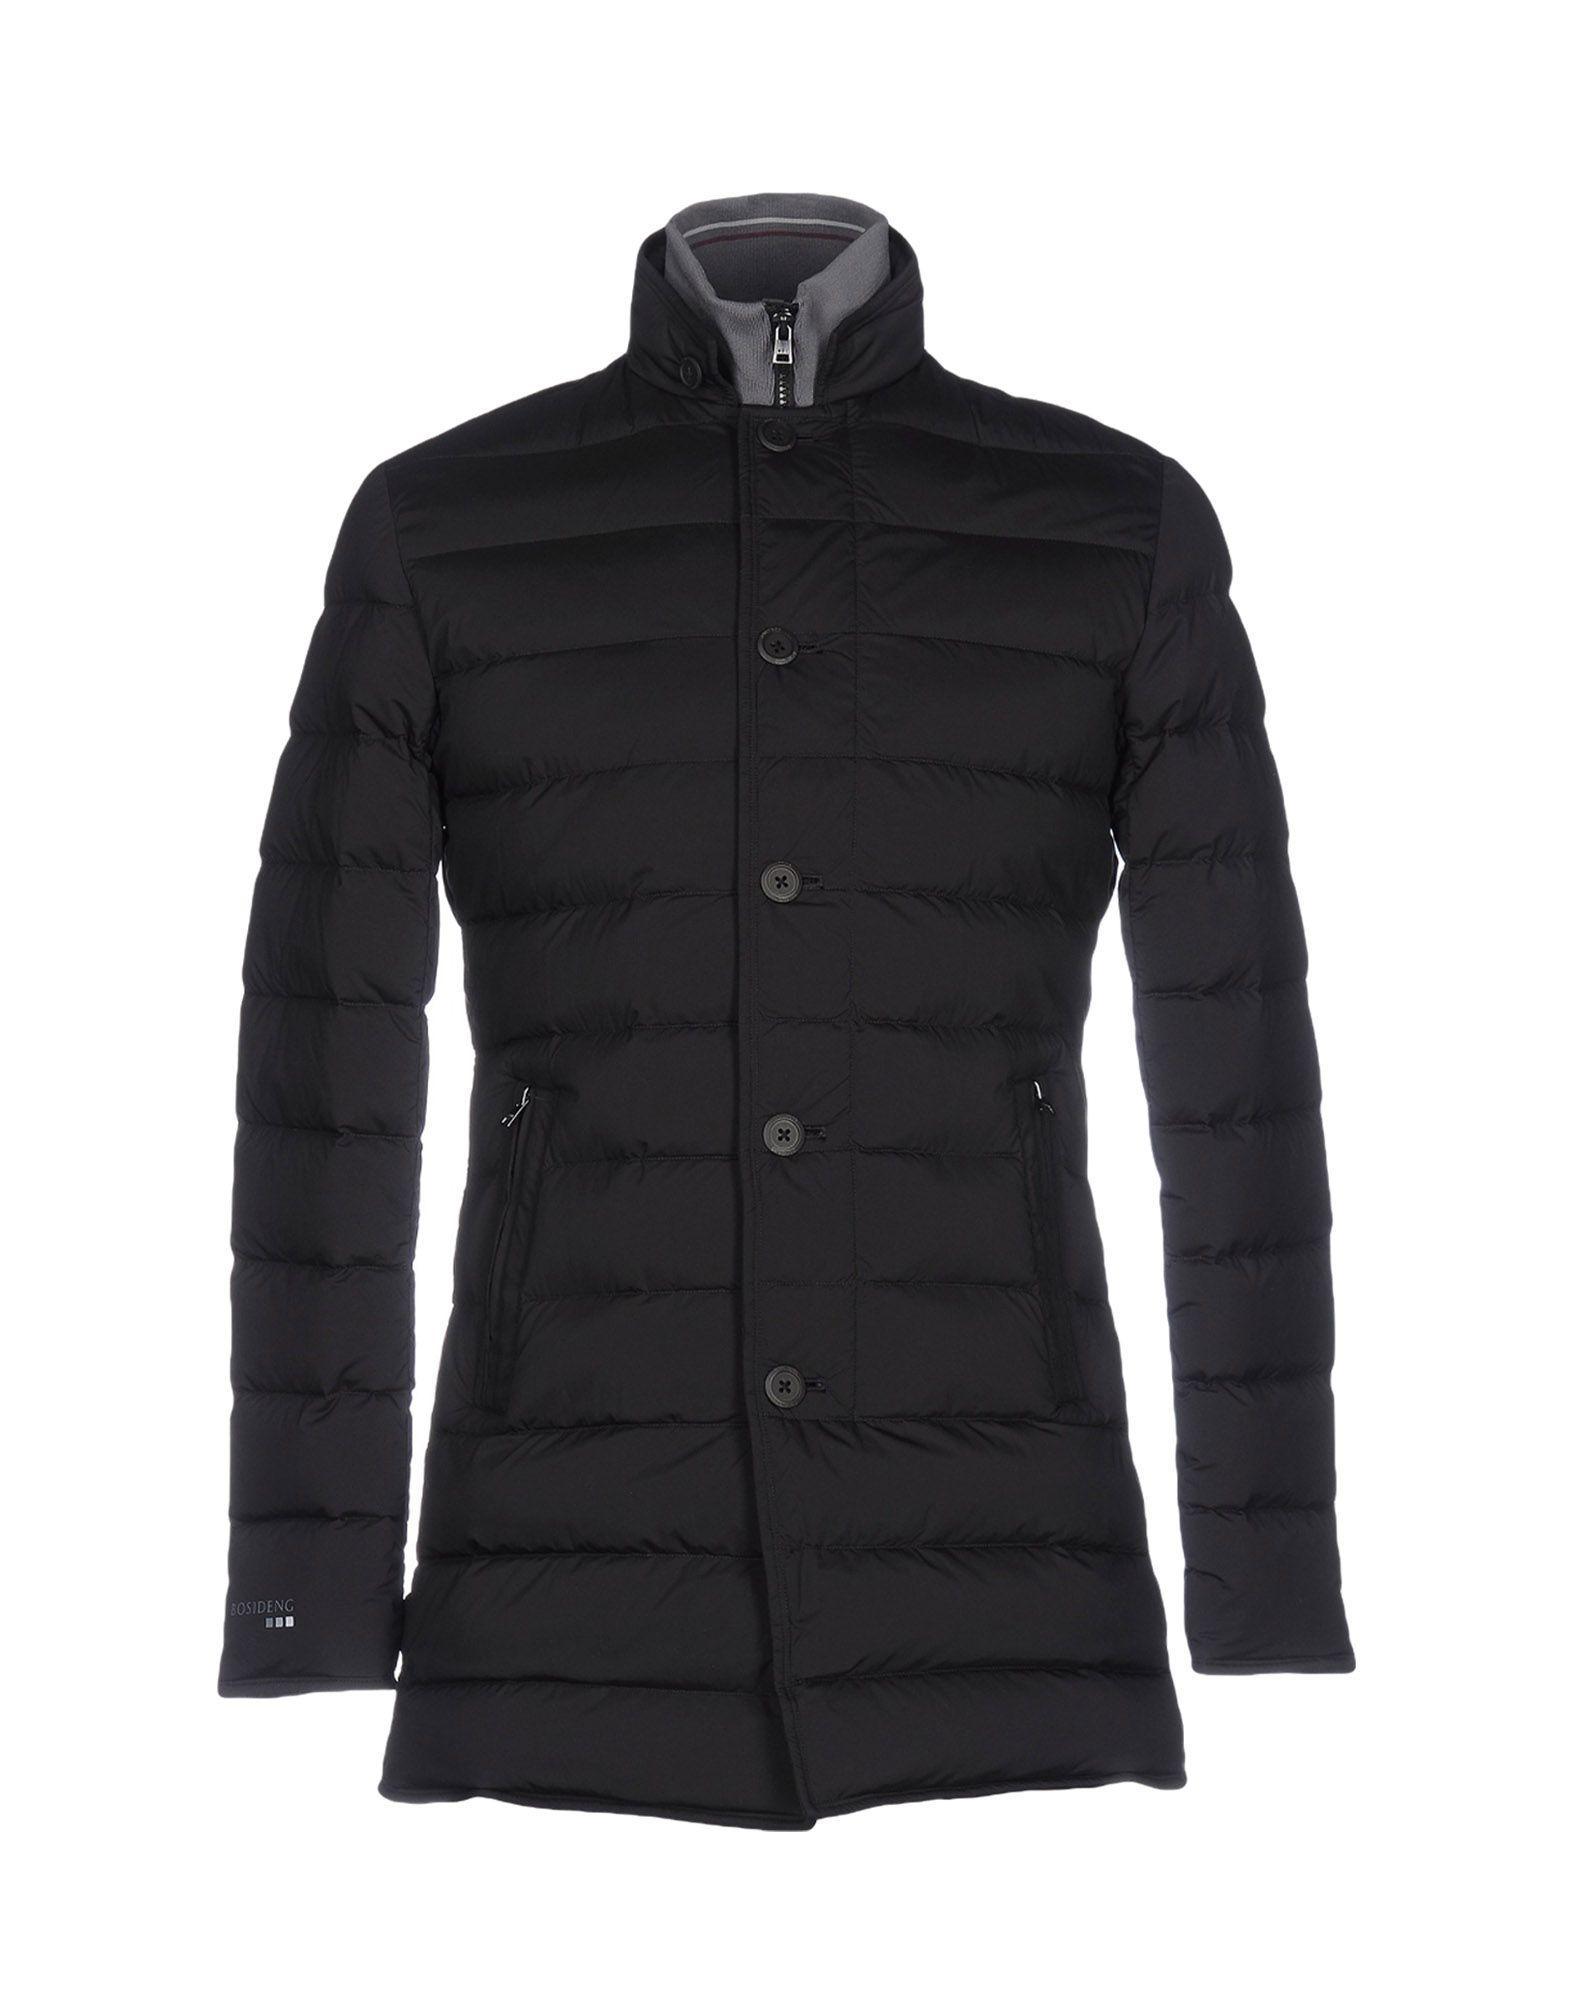 Bosideng Down Jacket In Black